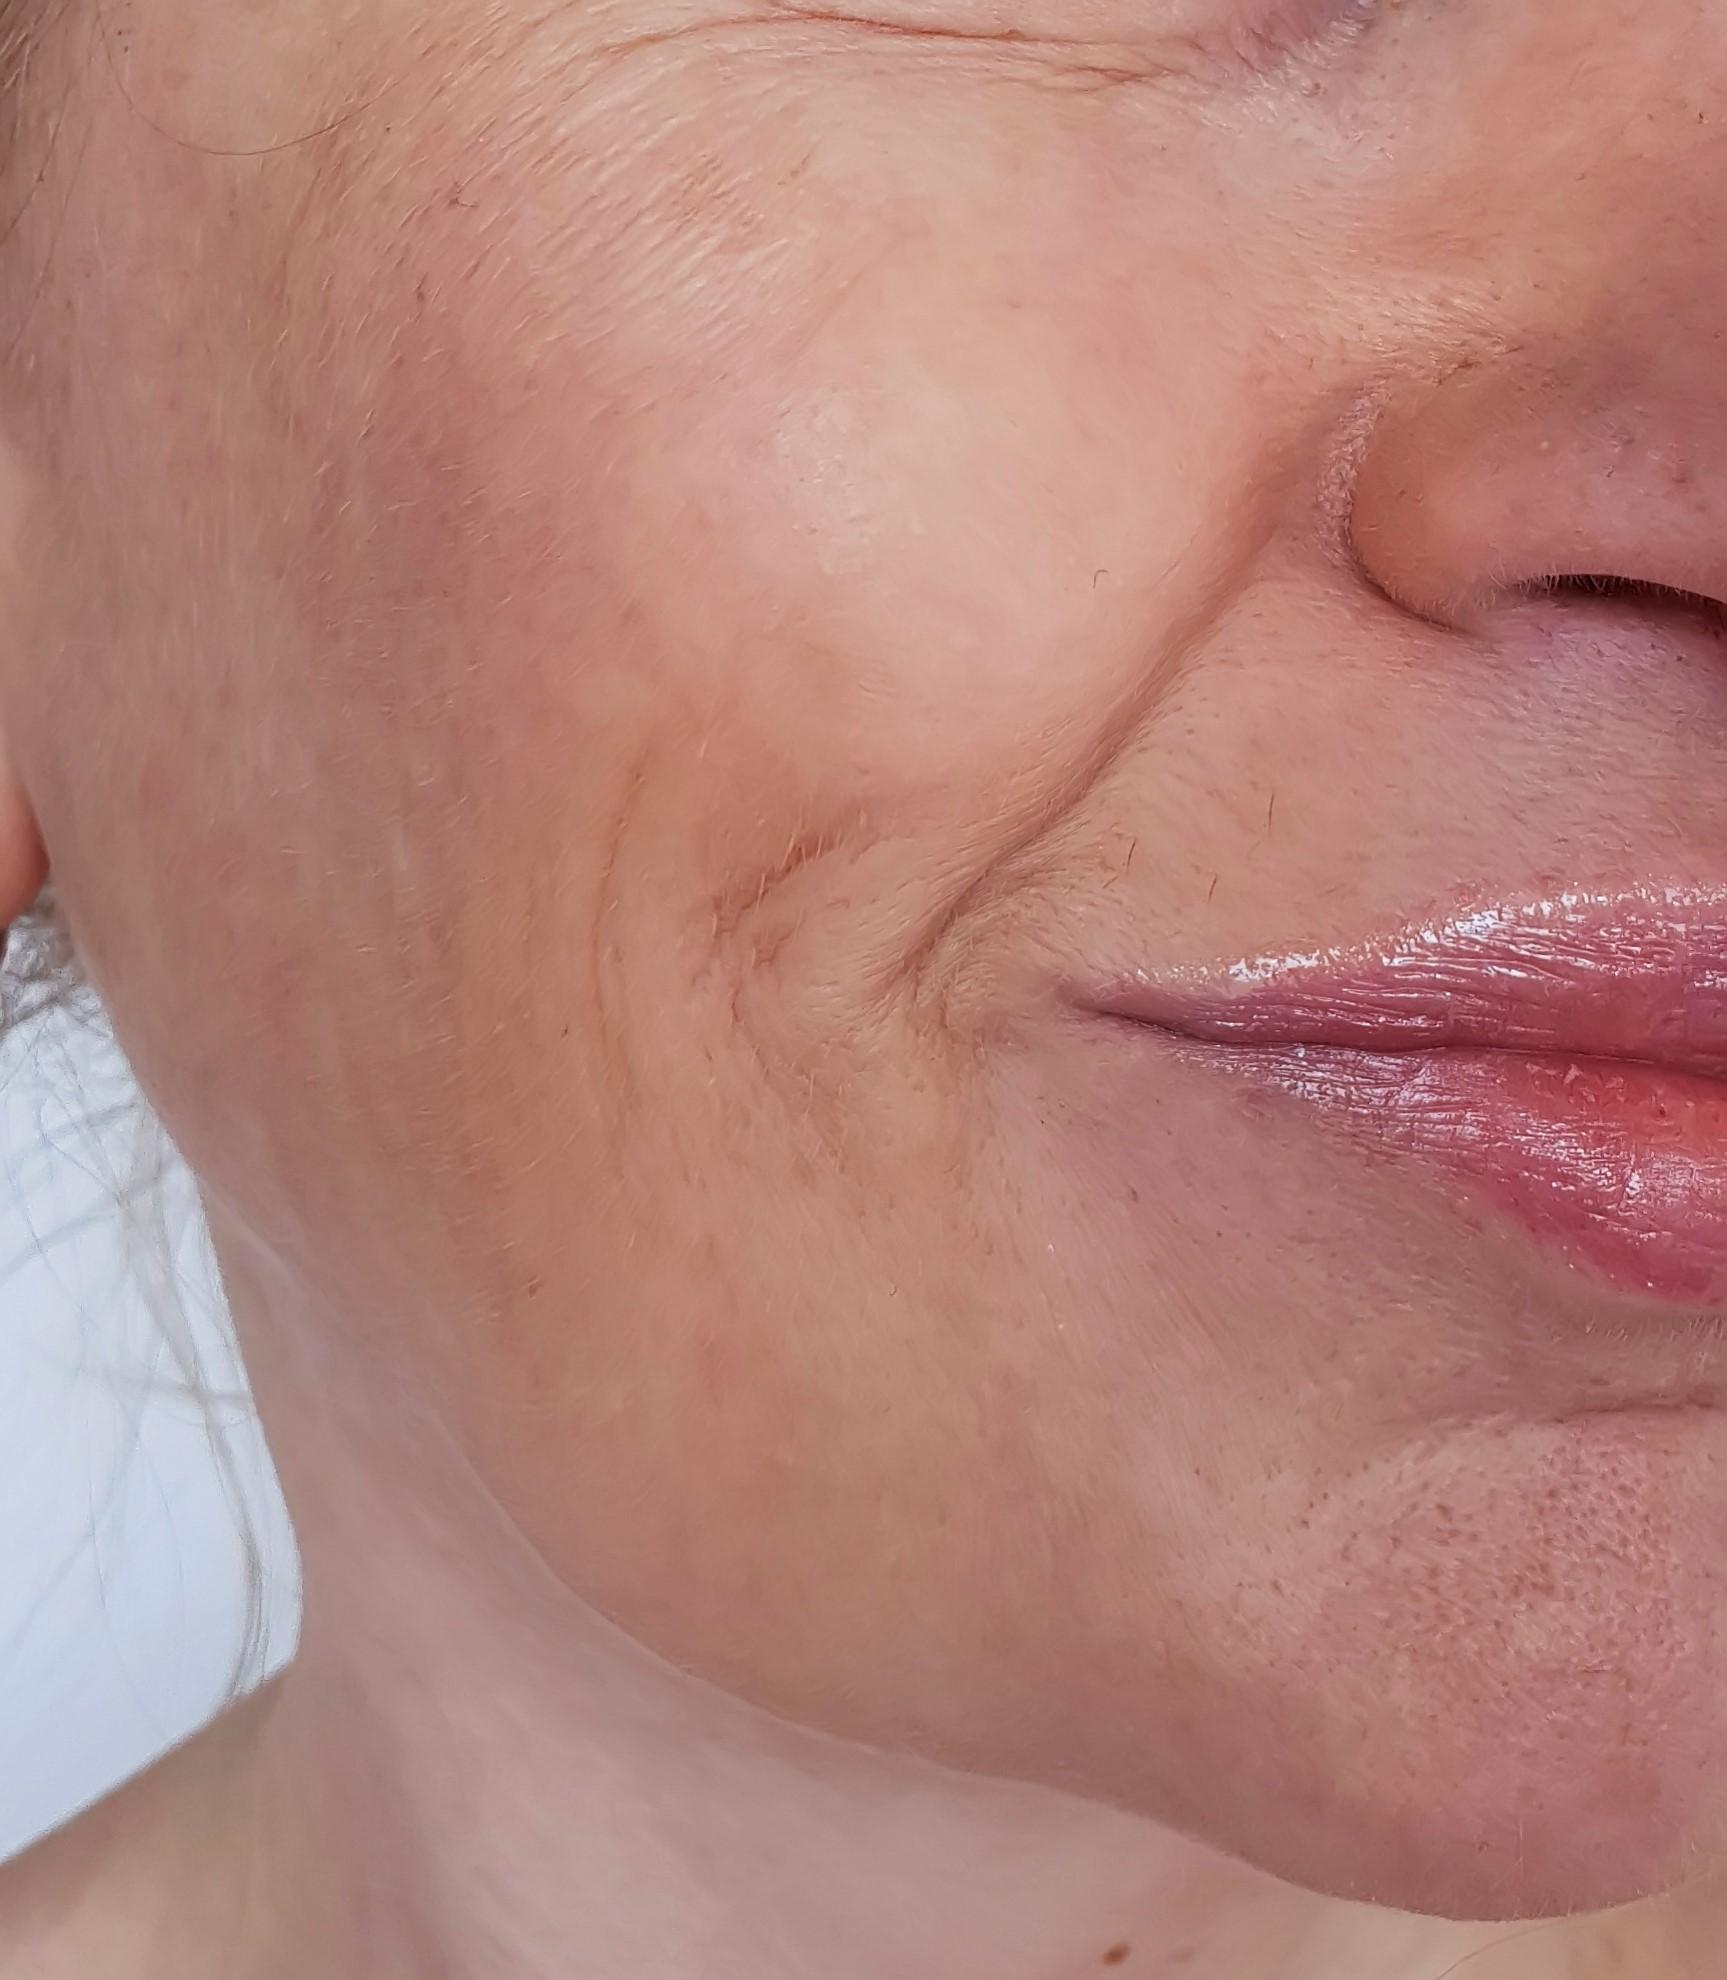 Before-Facial Contouring